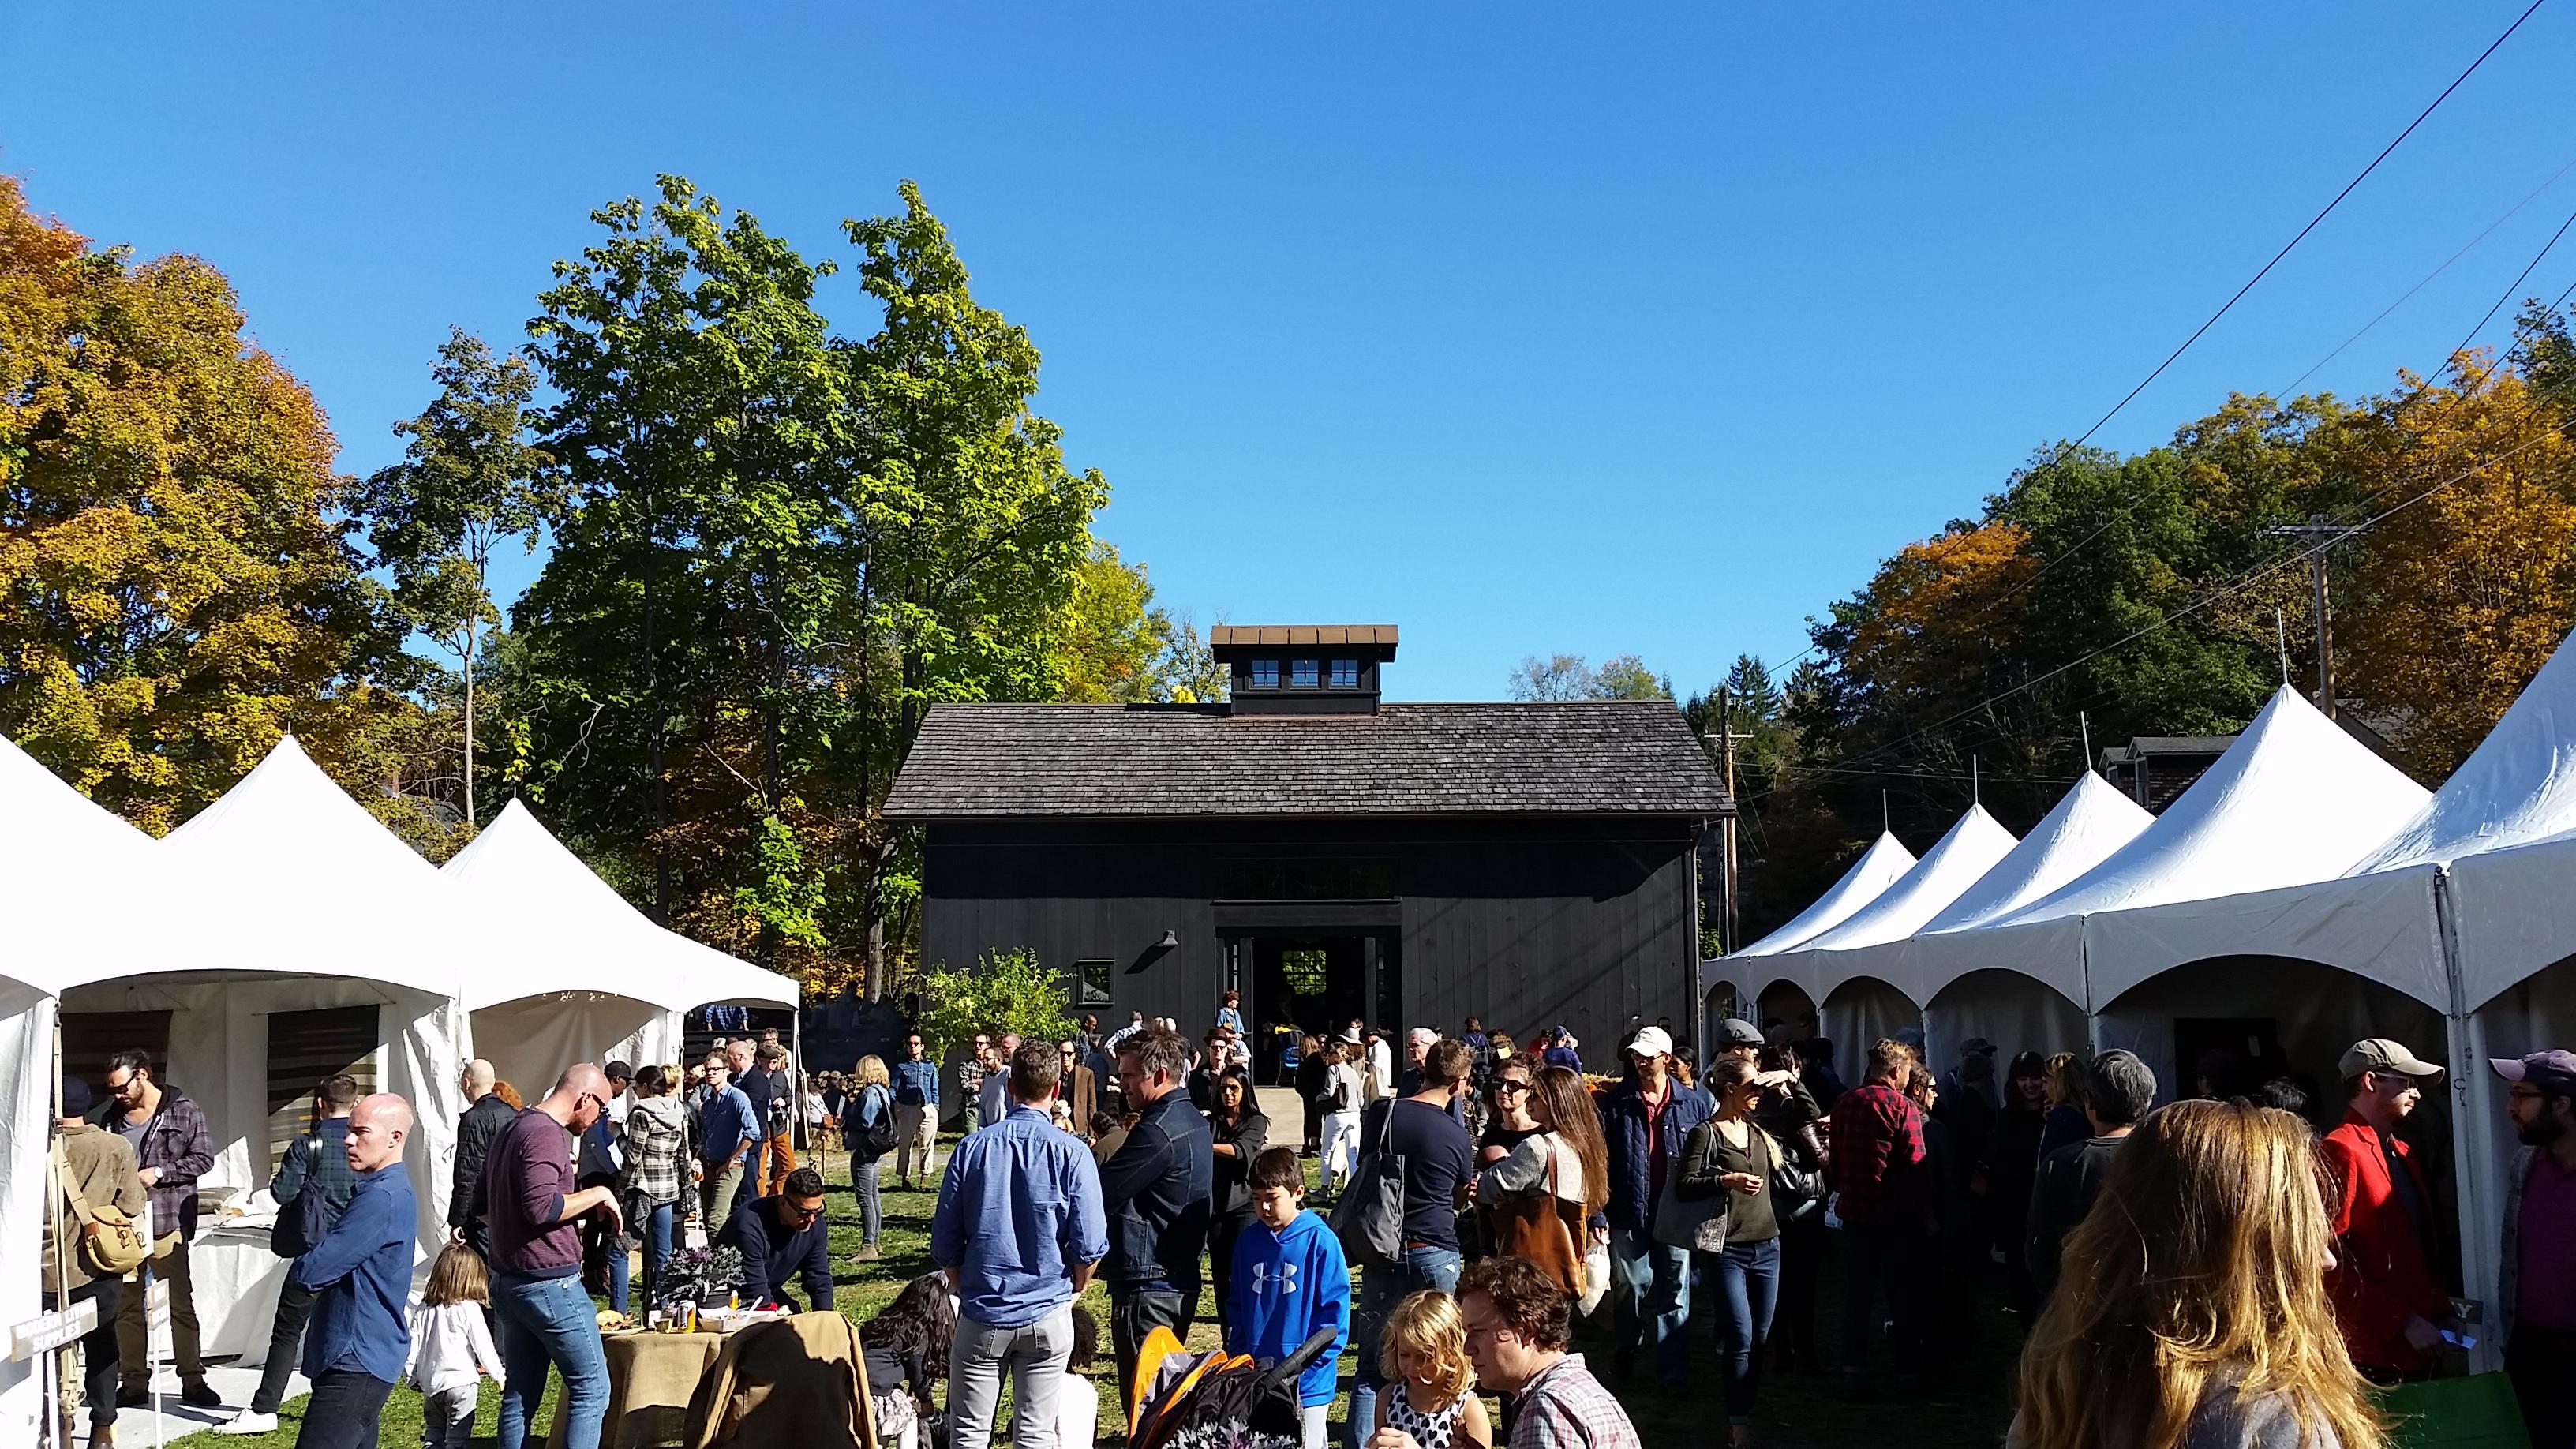 Field + Supply: A Hudson Valley Modern Craft Fair